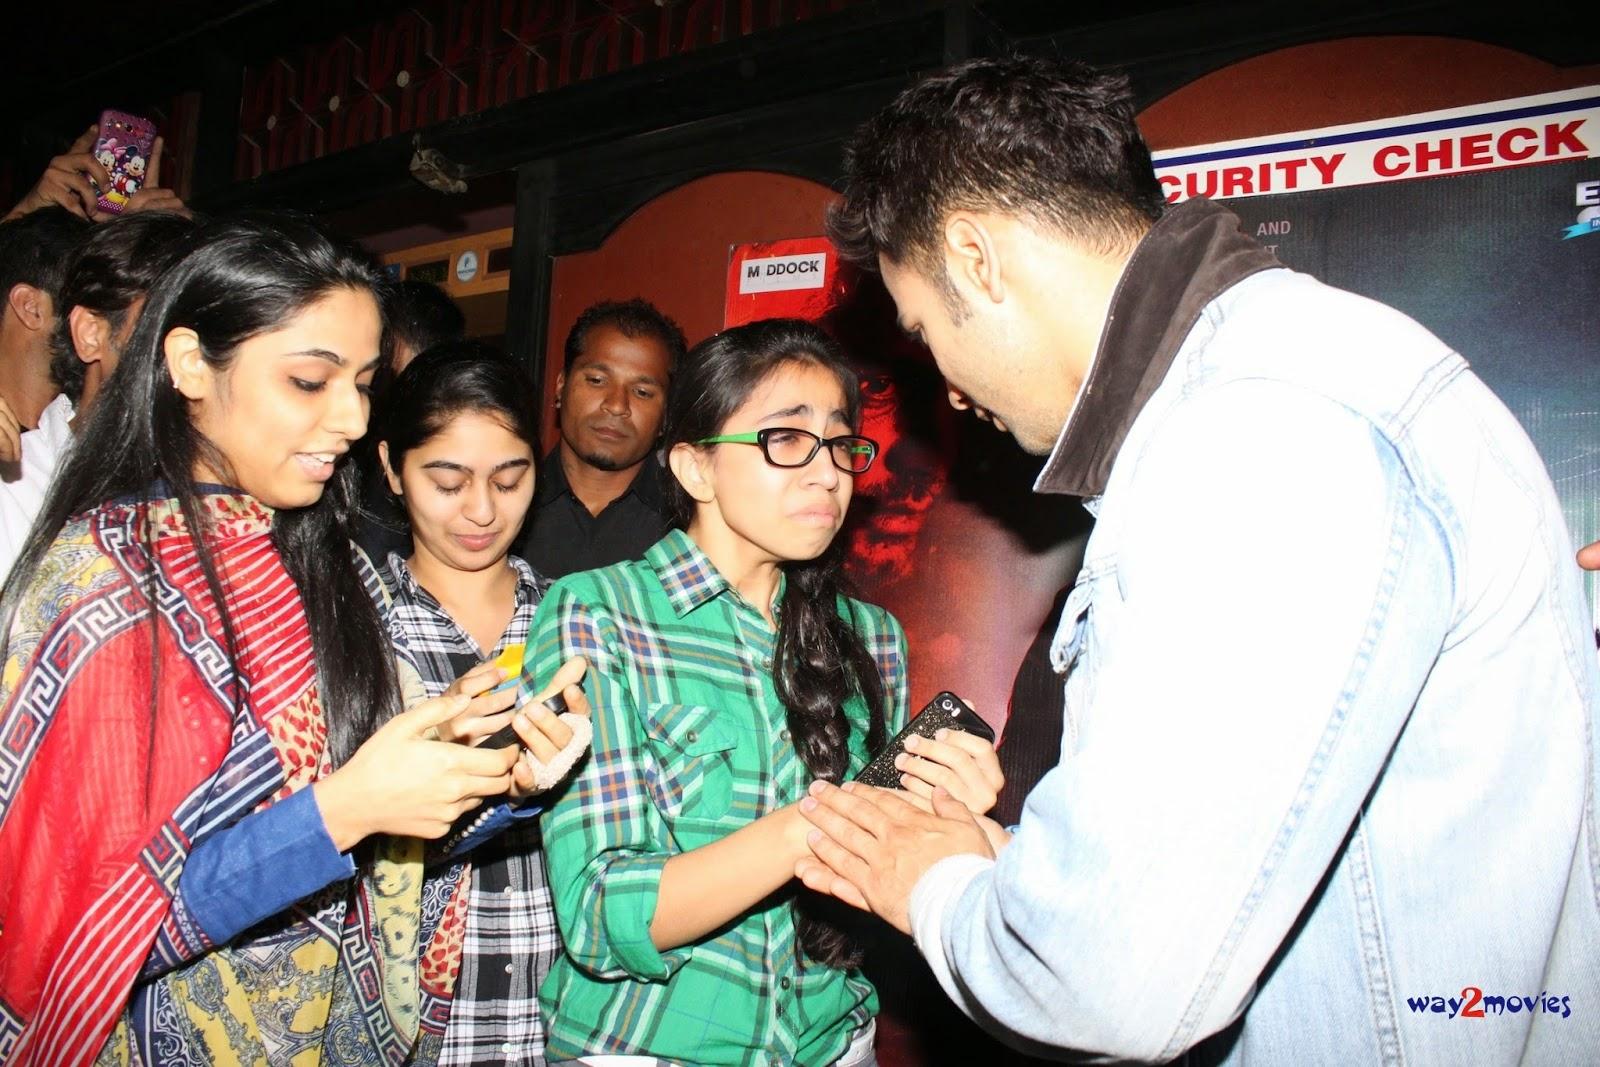 Varun Dhawan meets his fans at the screening of 'Badlapur' at Gaiety